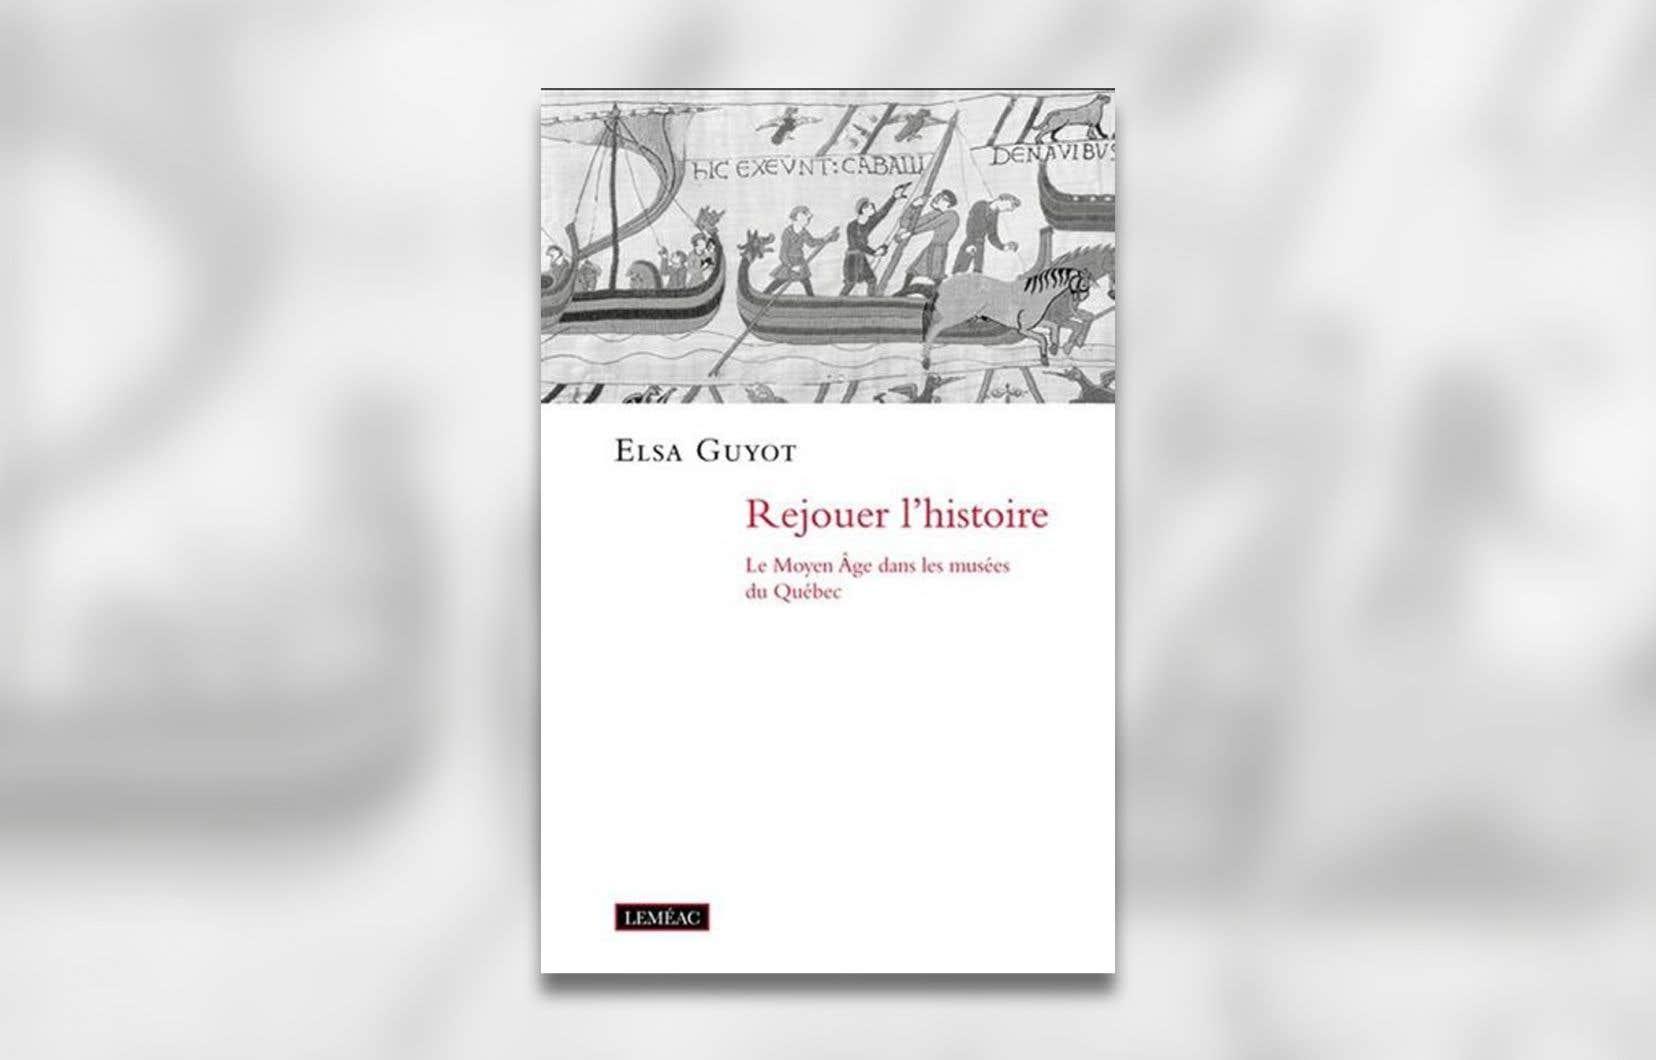 Le passionnant essai intitulé «Rejouer l'histoire» écrit par l'historienne de l'art Elsa Guyot.